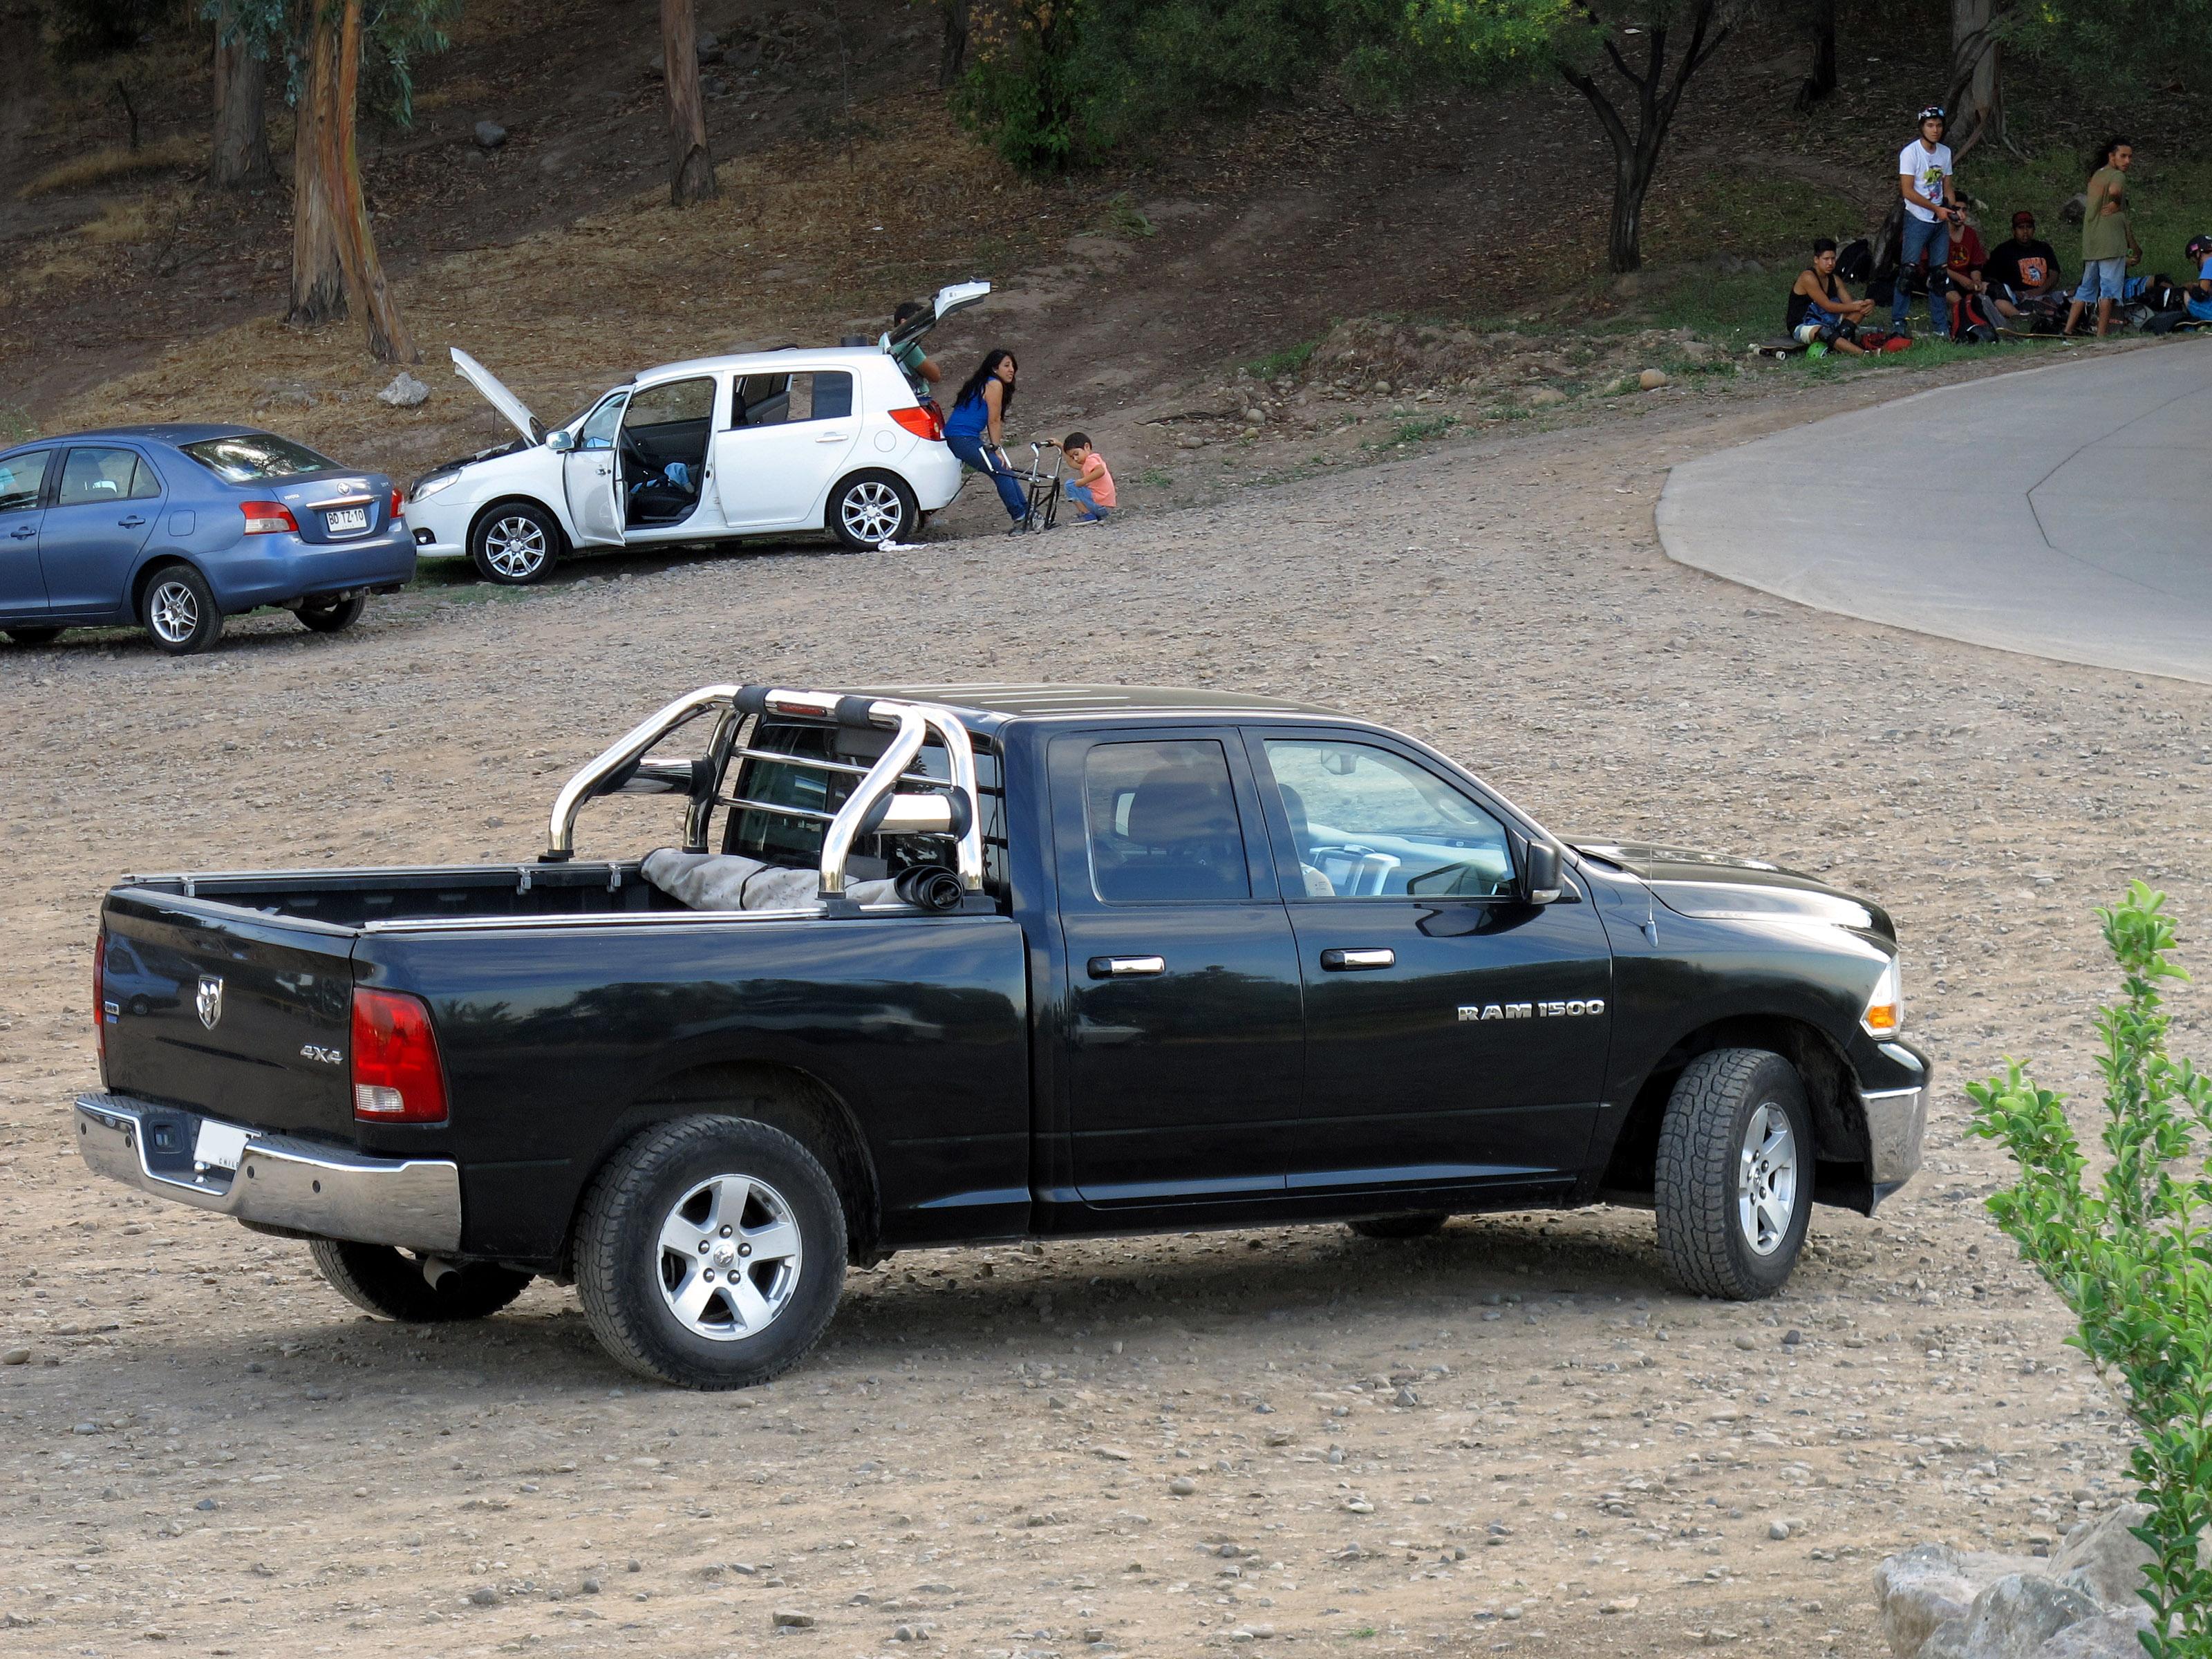 2011 dodge ram 1500 slt quad cab gallery